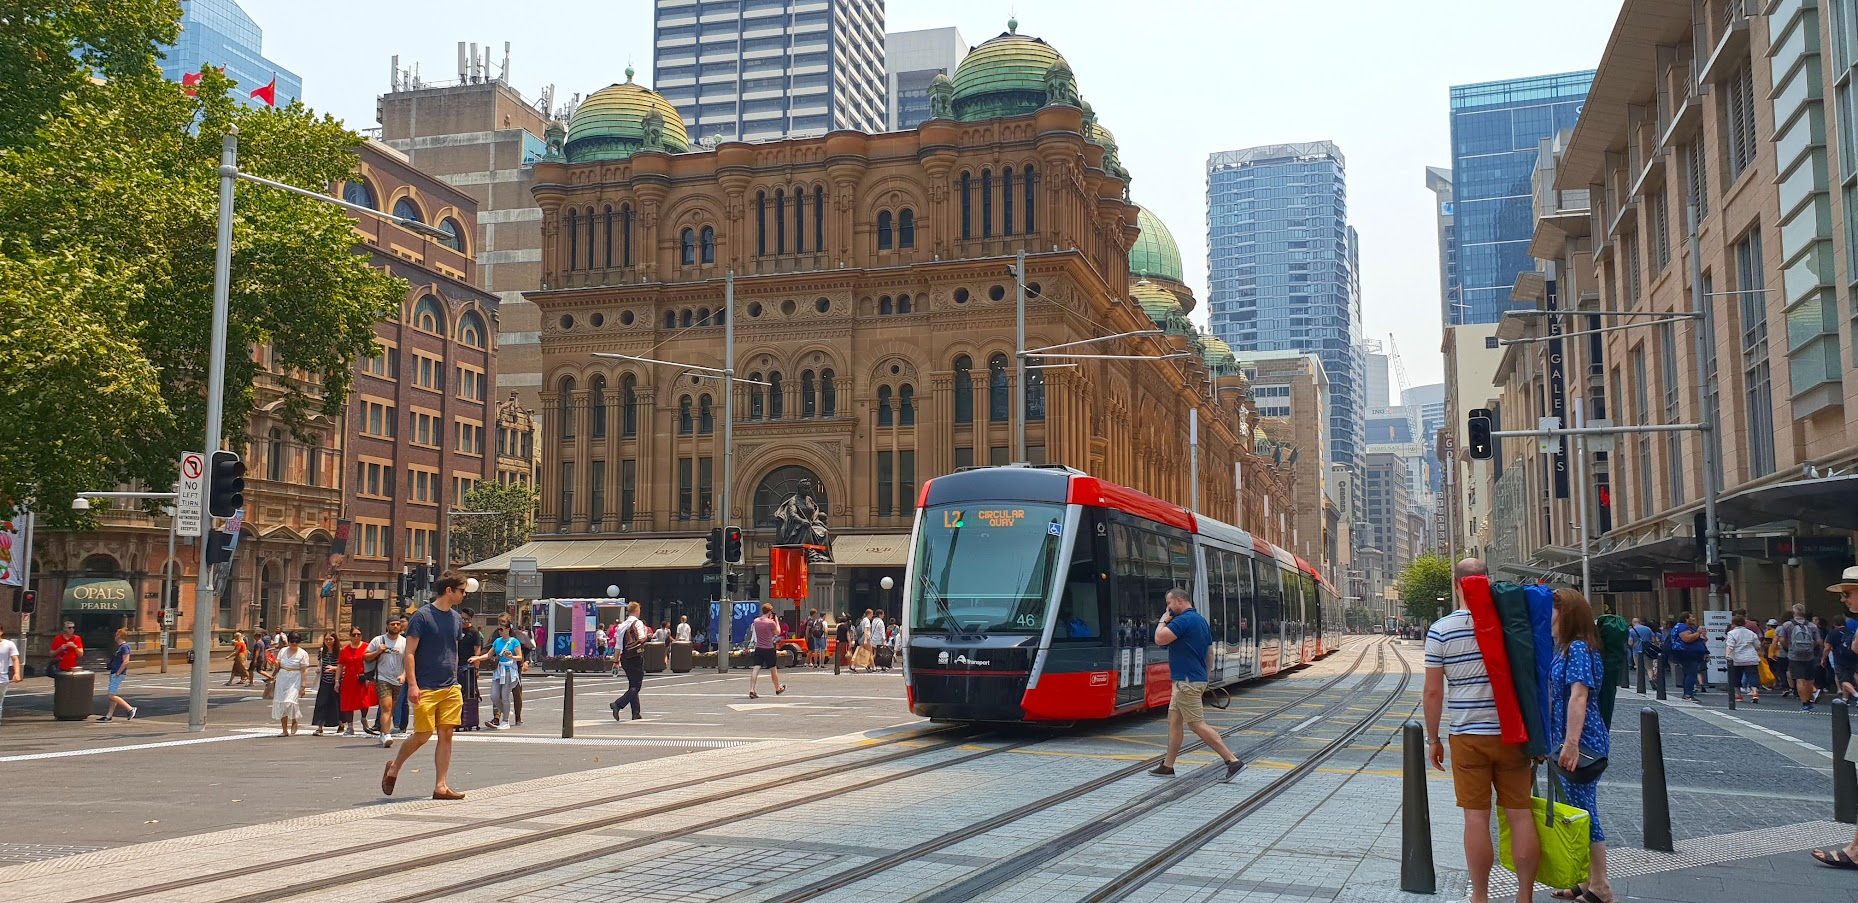 VISITAR SYDNEY | O que ver e fazer em Sydney - 60 Lugares e experiências imperdíveis